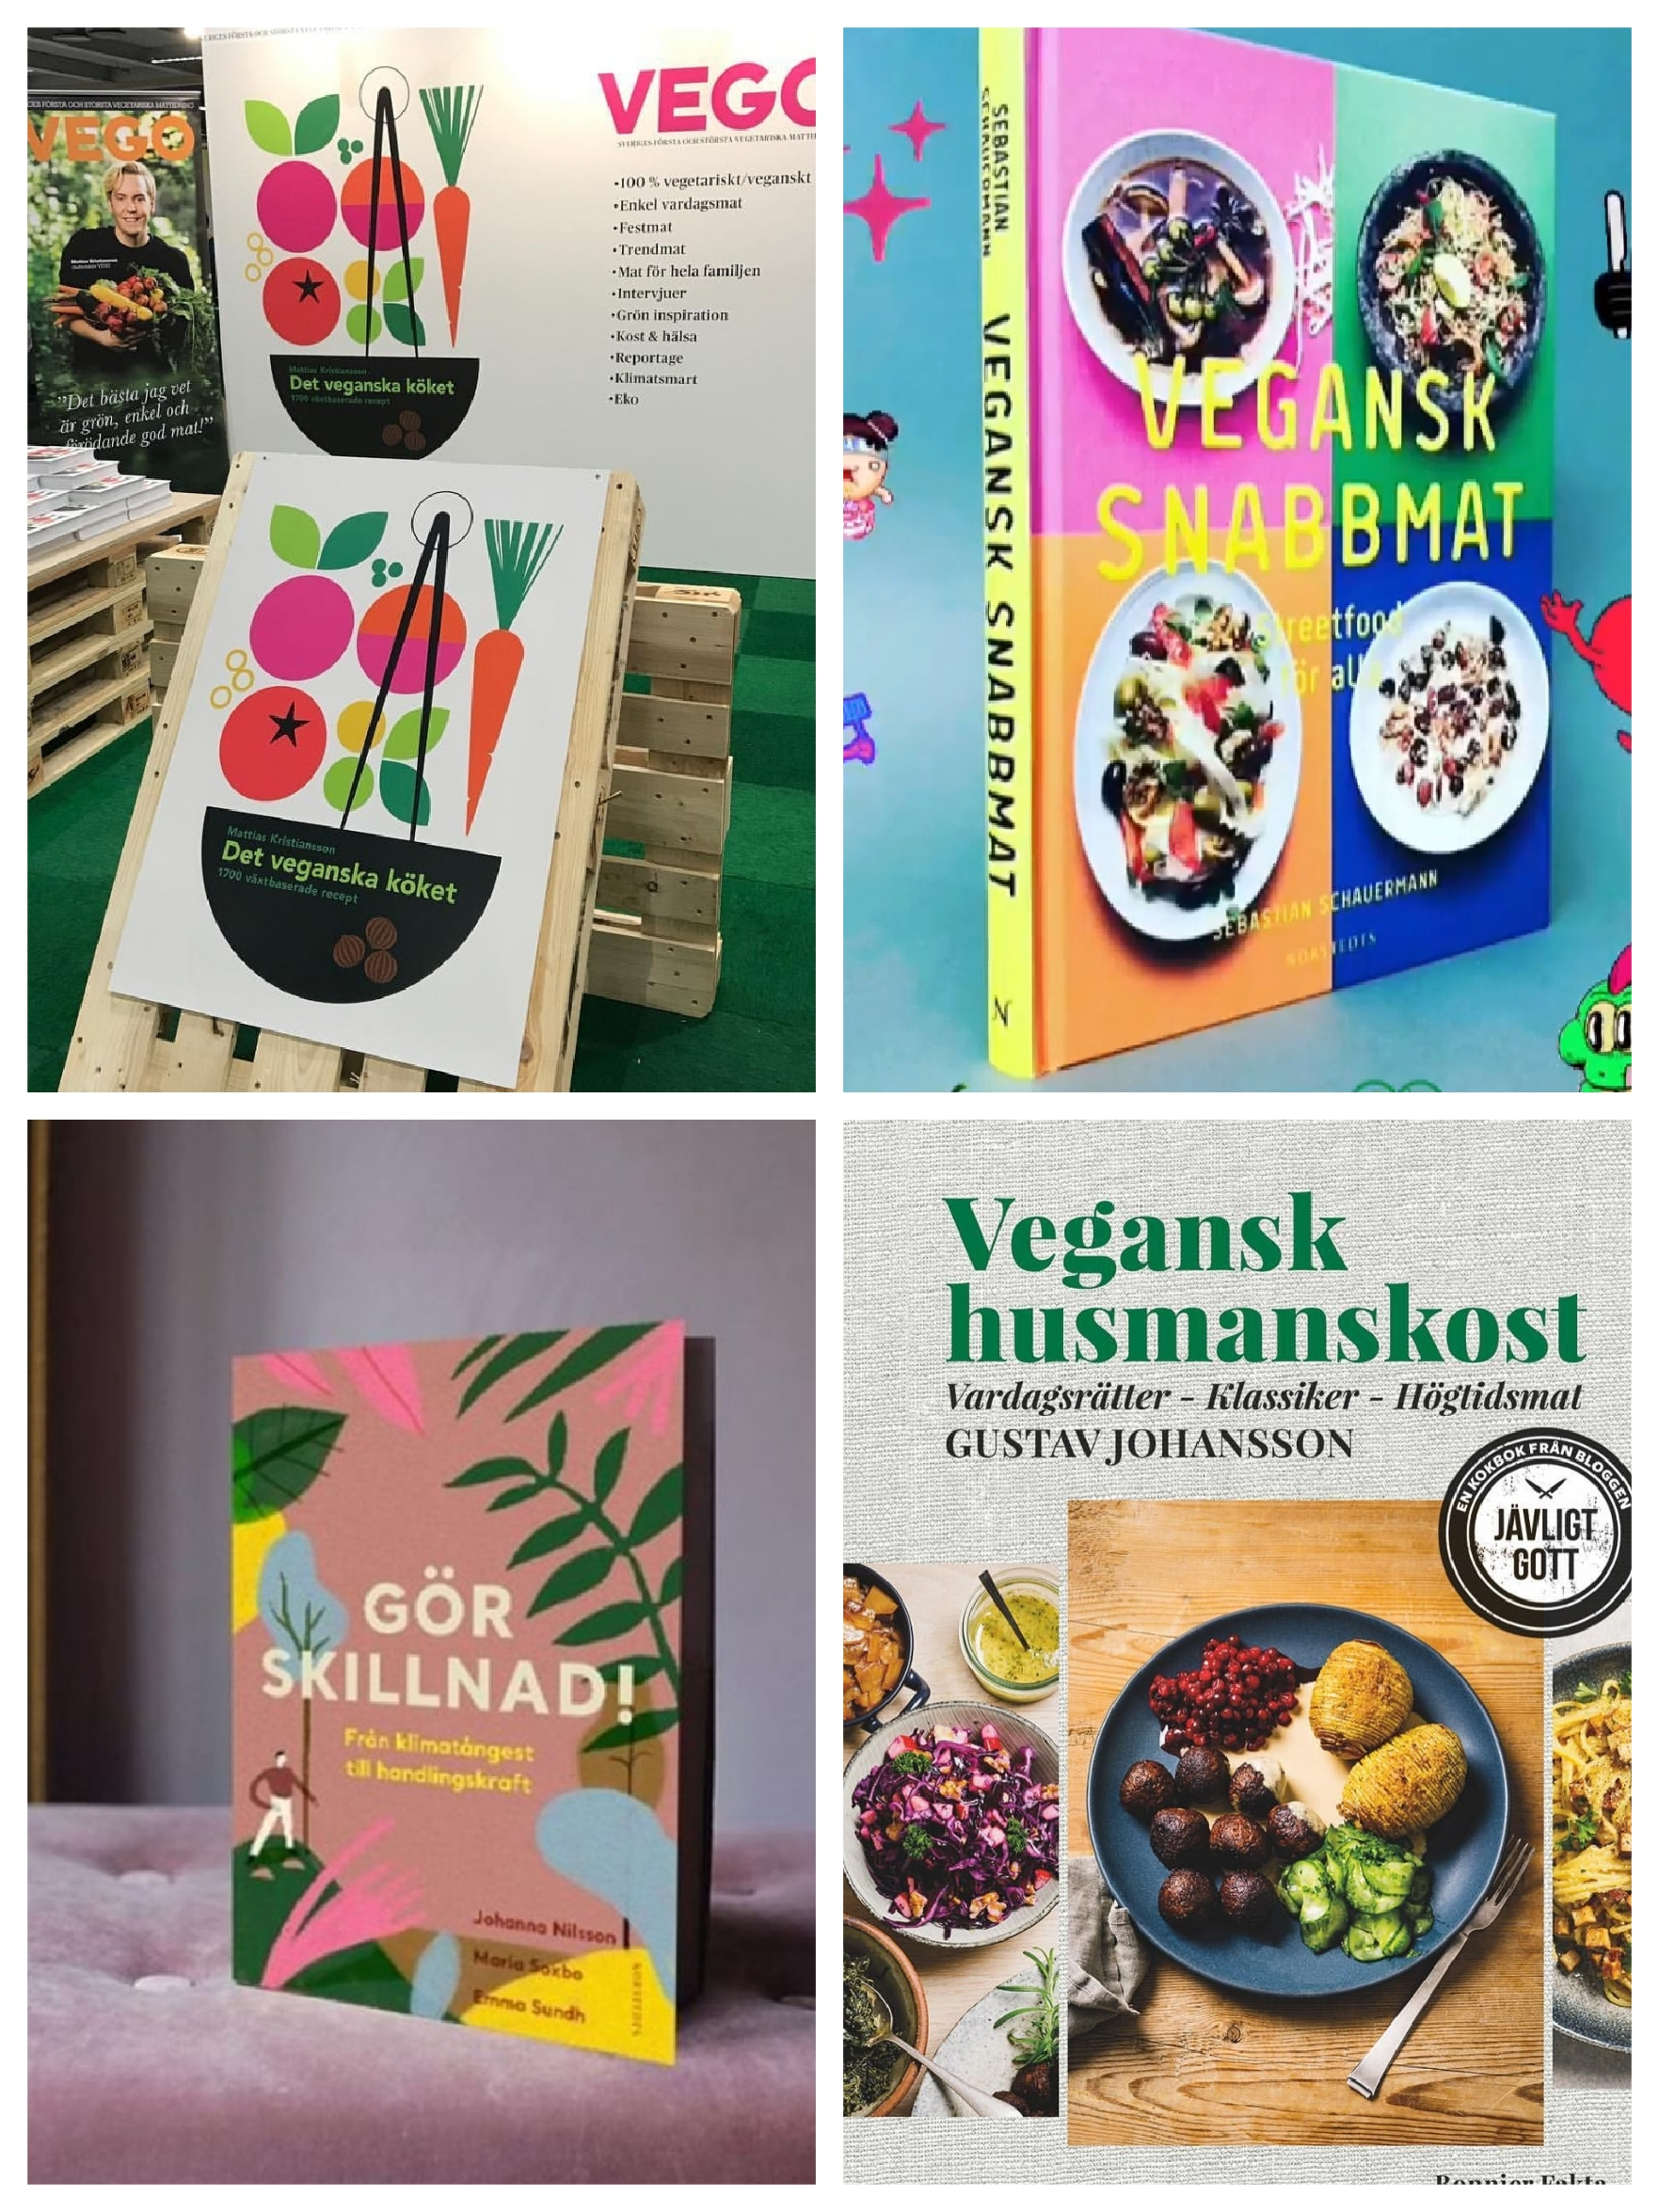 Böcker och tidningar - - För att inspirera till en hållbar(are) livsstil.